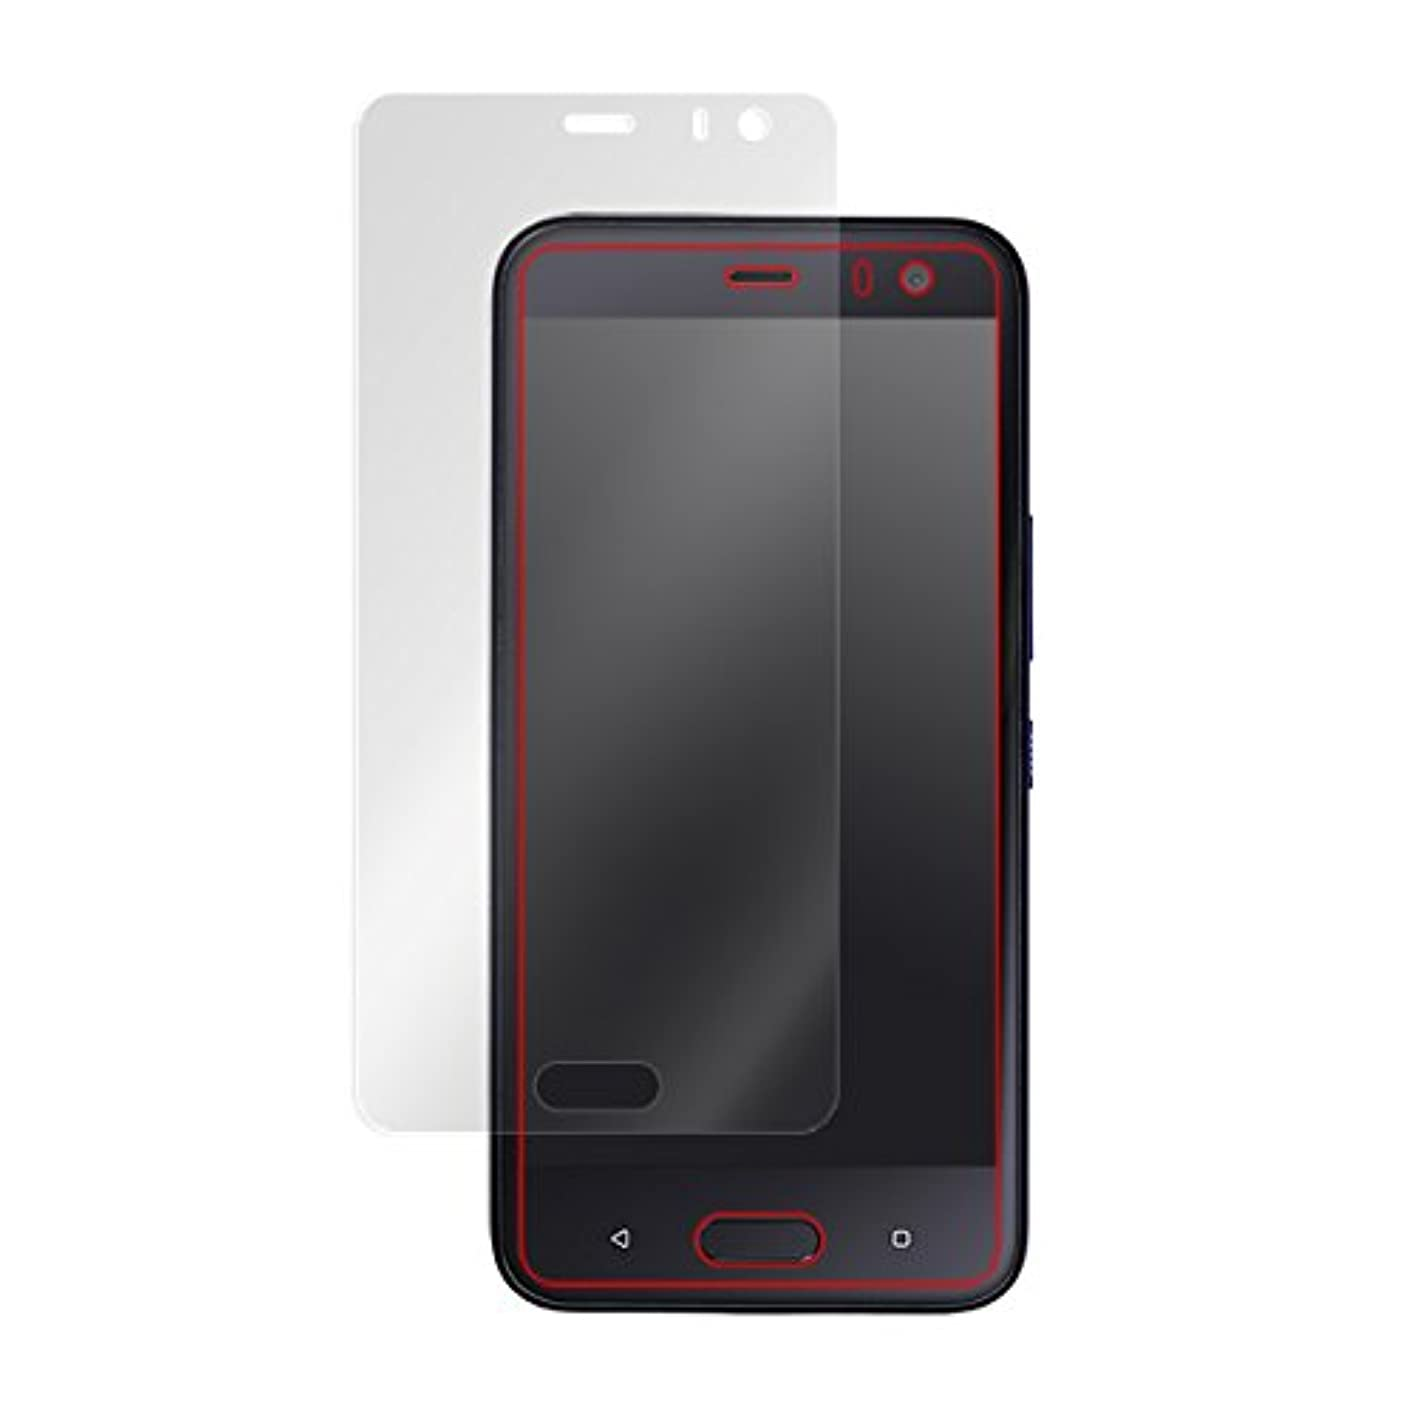 フック祖母交換日本製 指紋が目立たない 反射防止液晶保護フィルム HTC U11 life / Android One X2 用 OverLay ORANDROIDONEX2/12